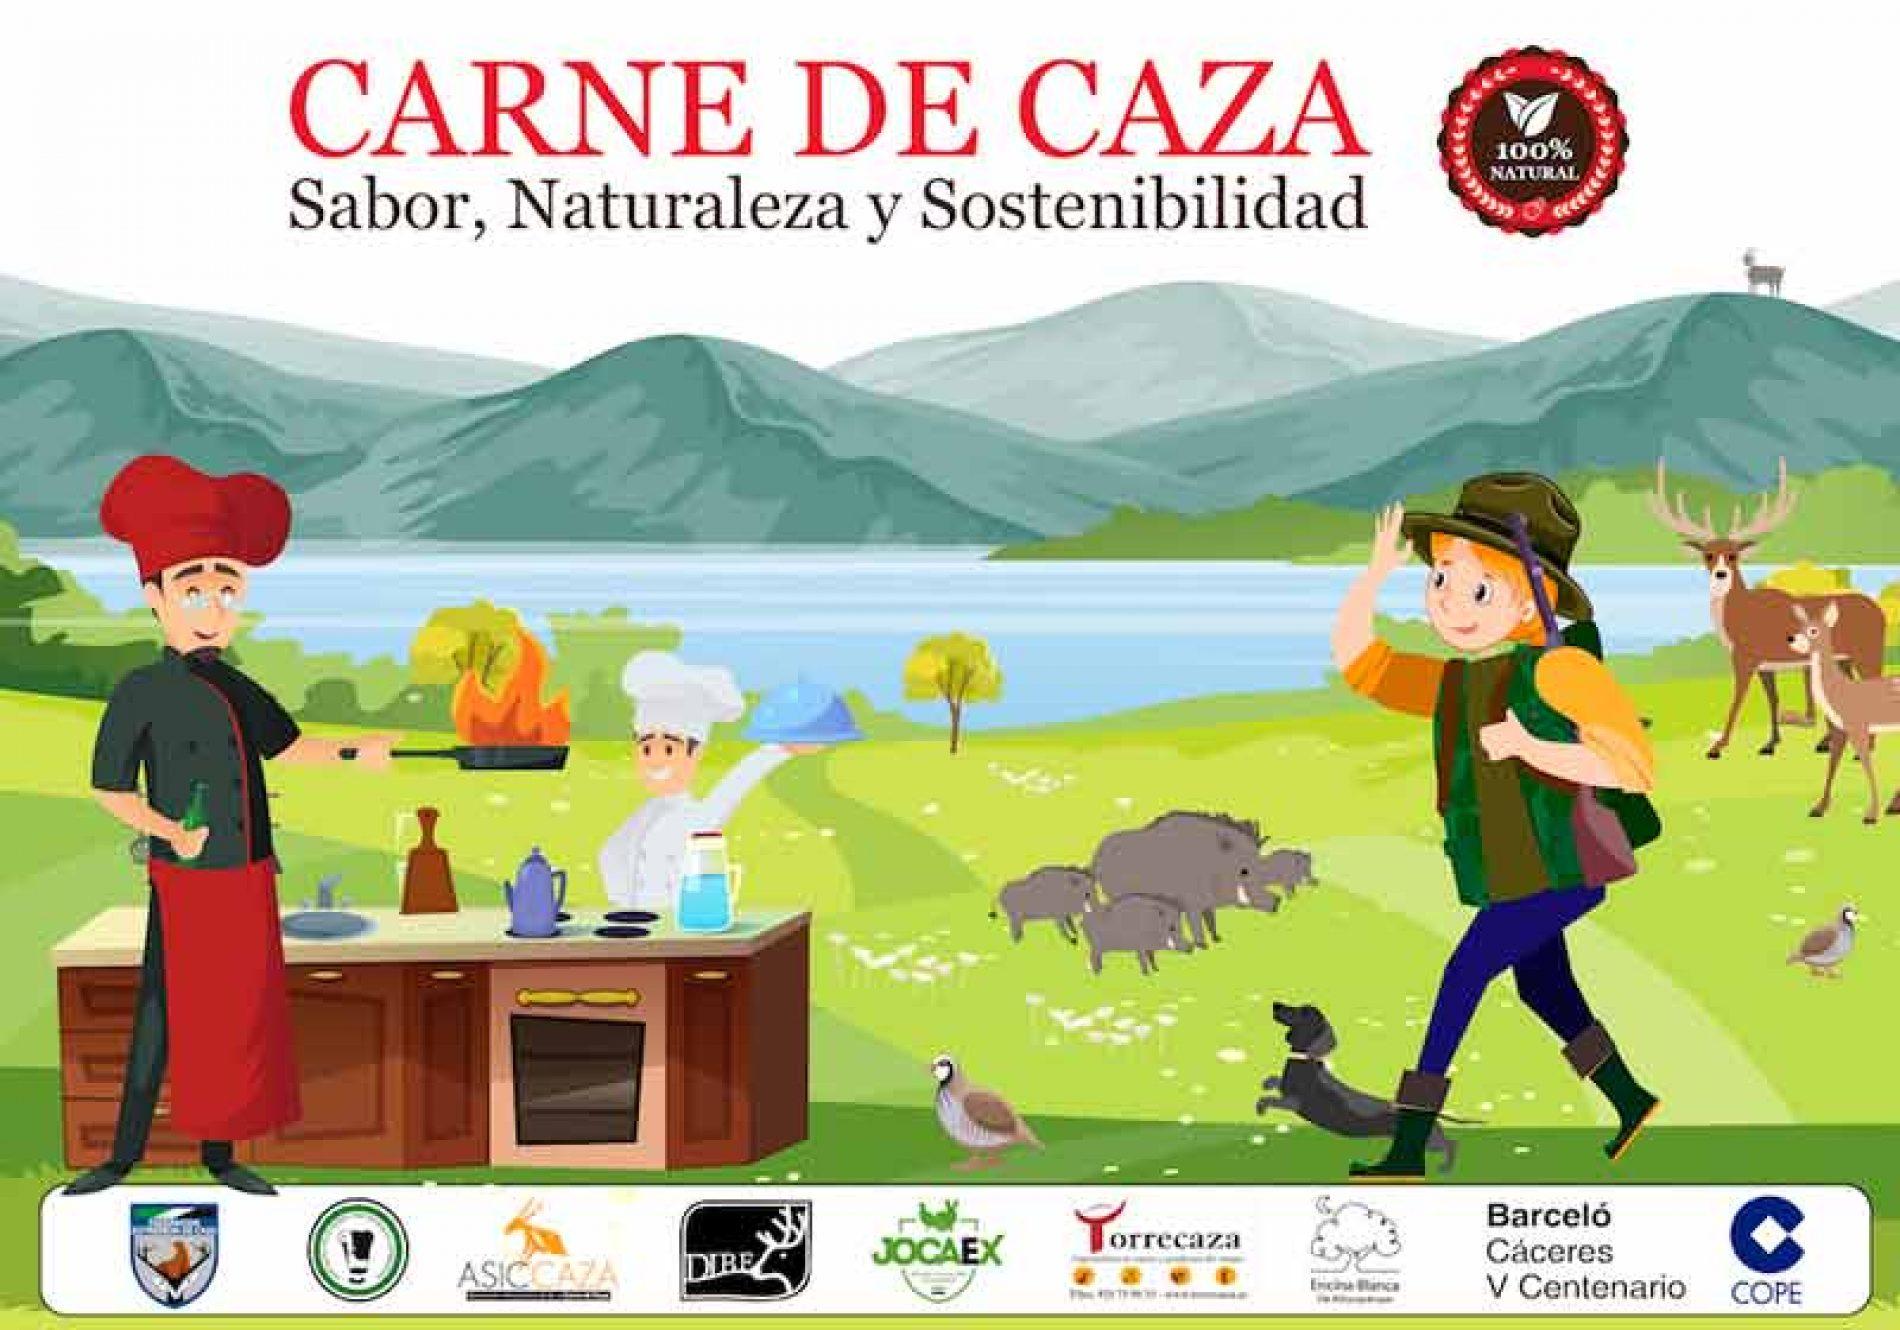 FEDEXCAZA lanza una campaña para impulsar el consumo de la carne de caza en la región